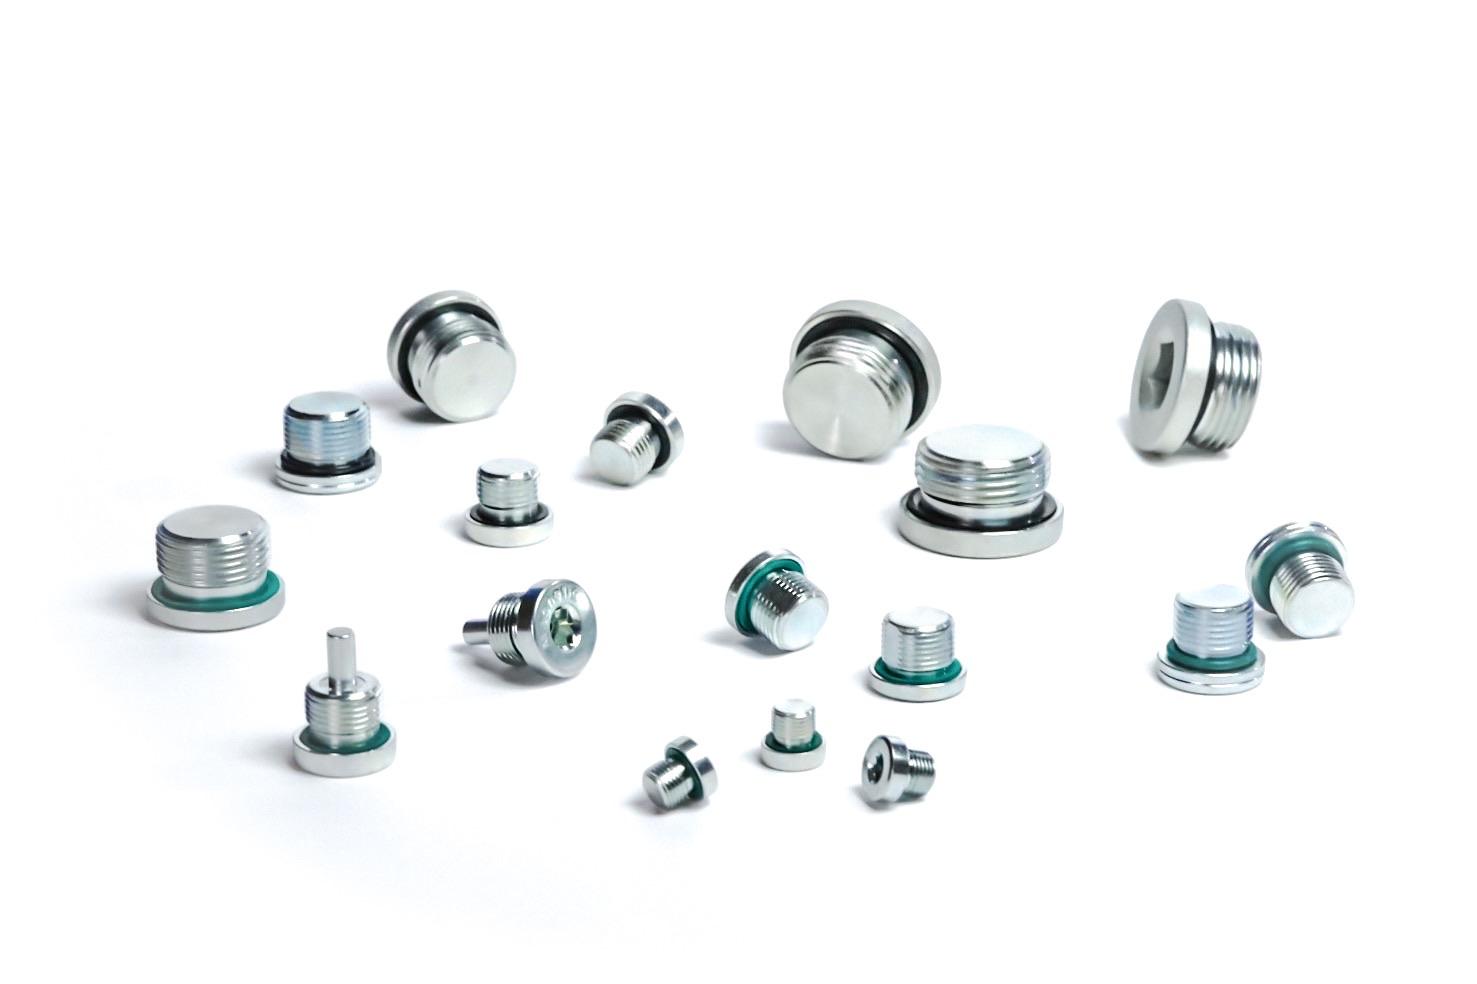 Verschlussschrauben - VSTI / DIN 906 / DIN 908 / DIN 910